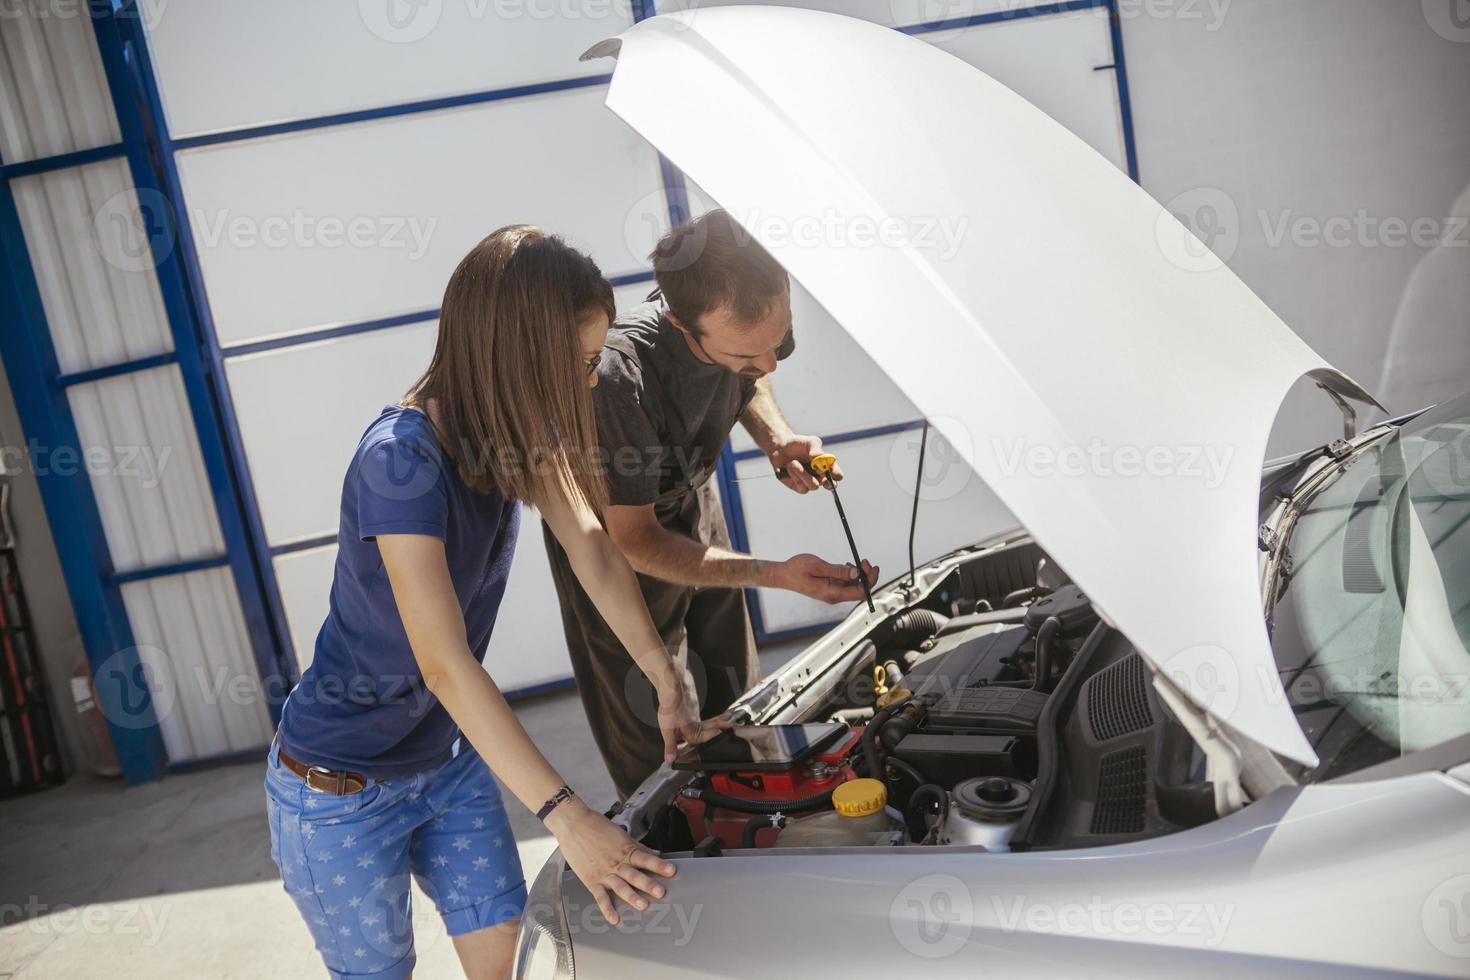 In Auto Service photo